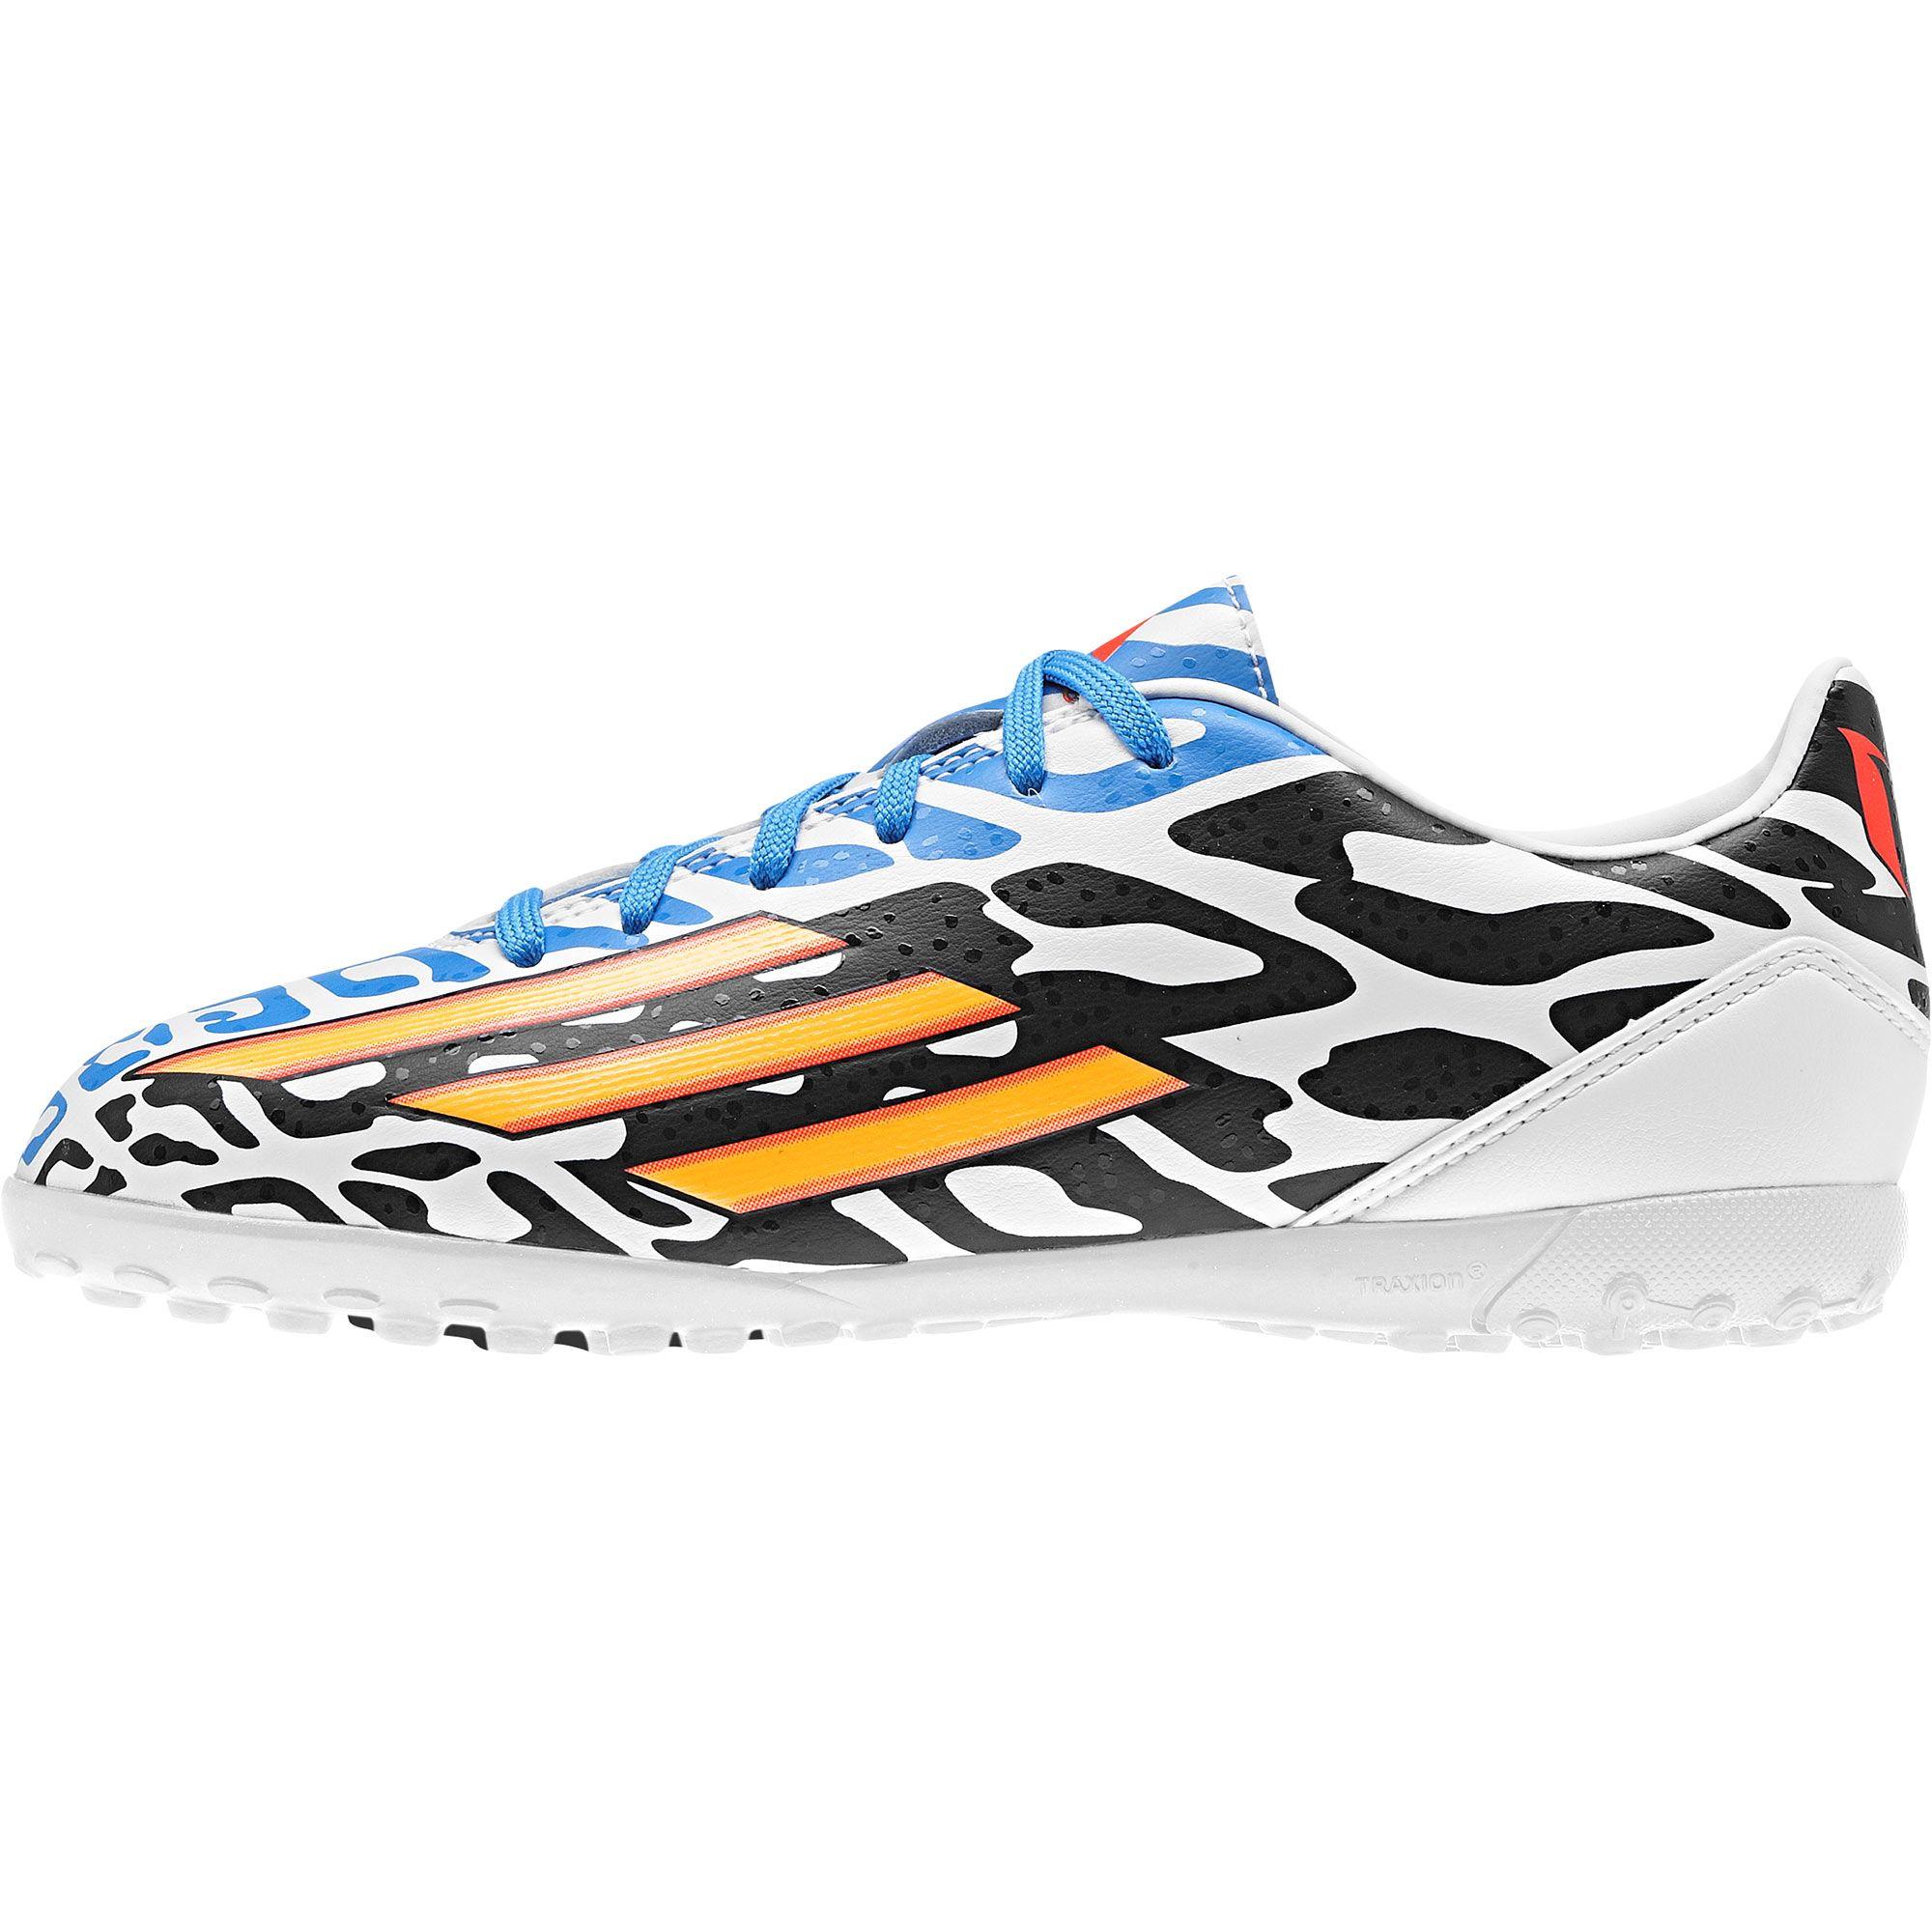 Adidas Zapatos De F Ú Tbol F10 Messi Tf Mondiali Ni Ñ Os Adidas